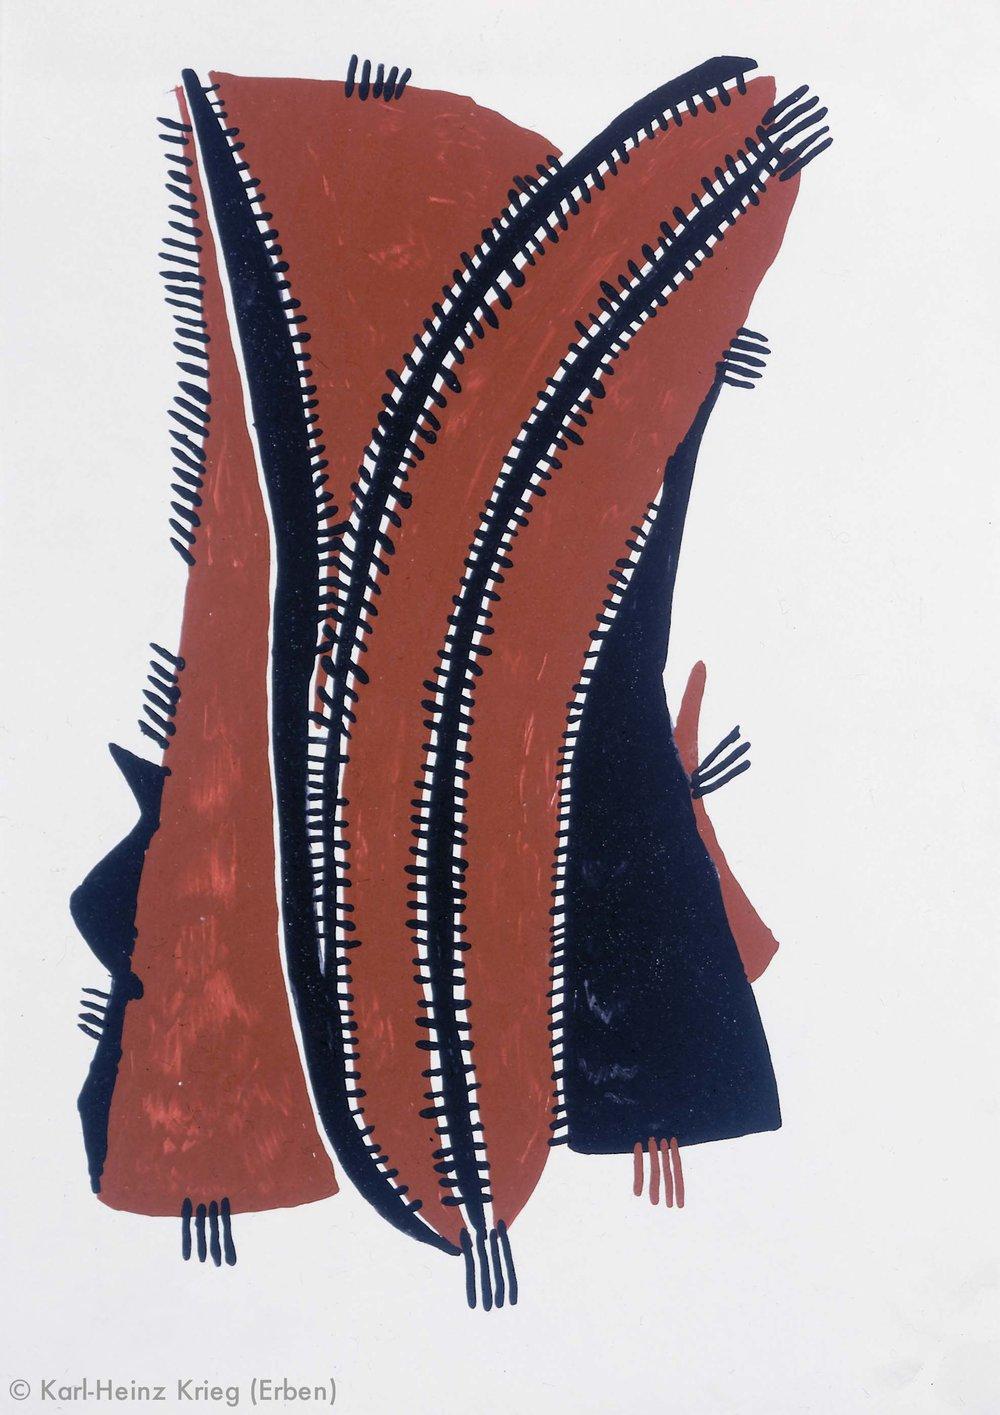 Akoi Zoumanigi Schote, 1996 Acryl/Papier, grundiert 40,6 x 29 cm Werknr. 38-1996/59